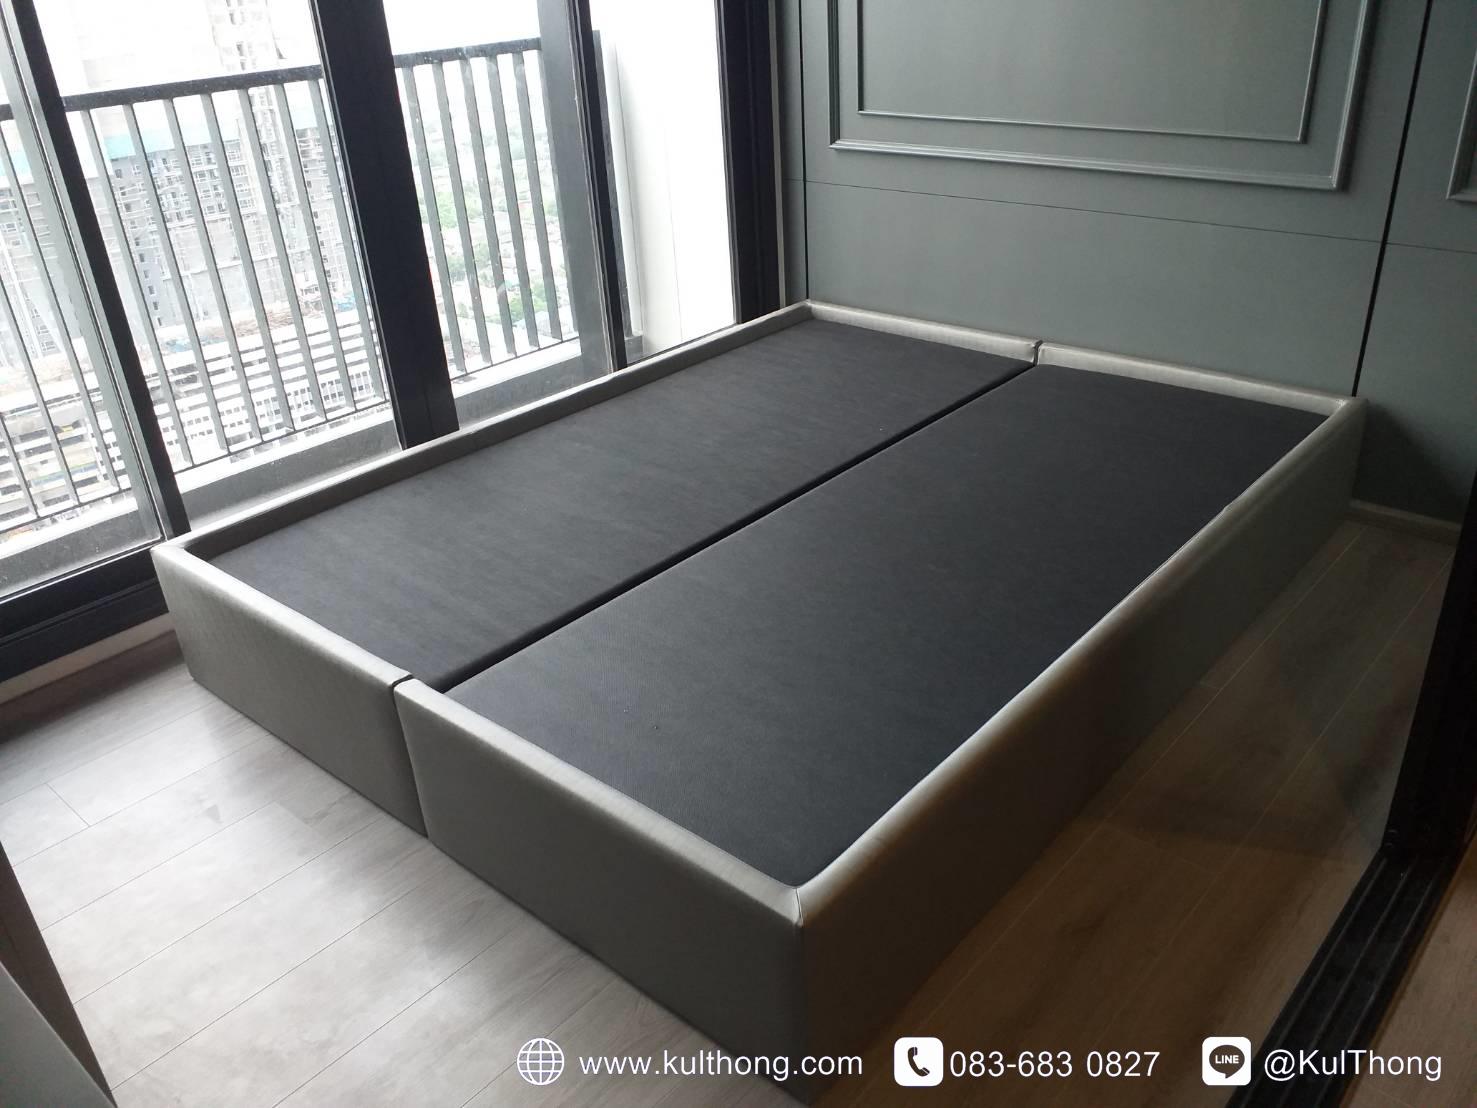 ฐานรองที่นอน ฐานเตียง เตียงหุ้มหนัง